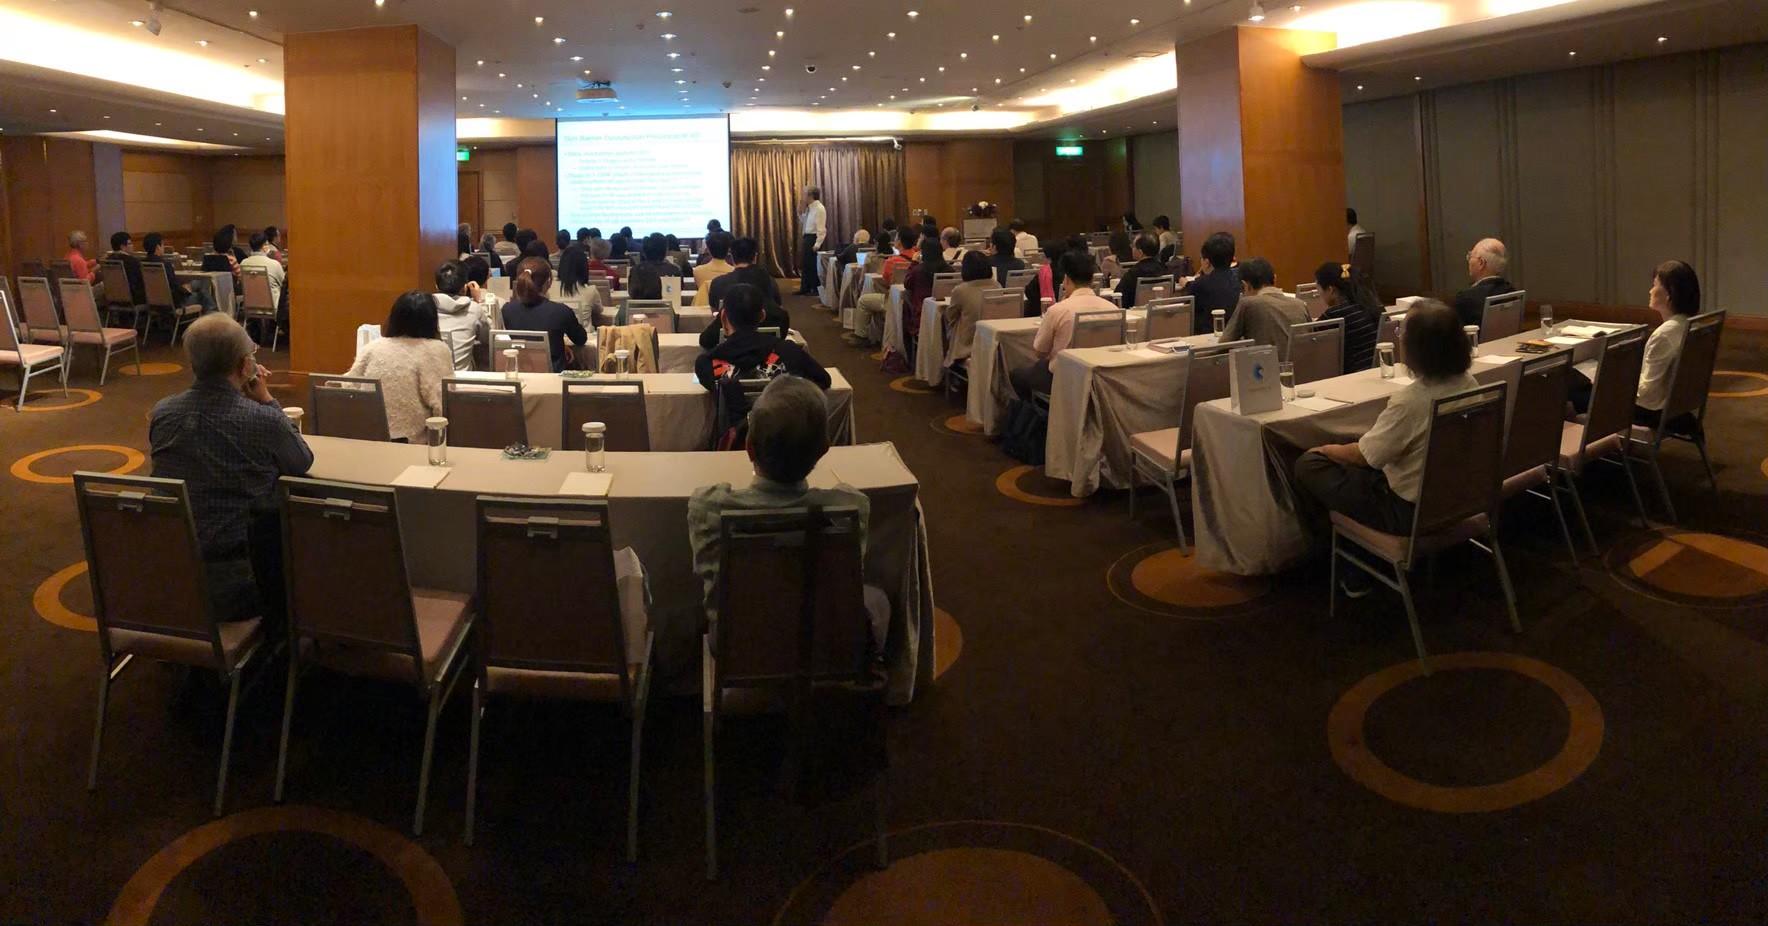 元鴻生技第一次舉辦濕疹研討會 107年10月28日